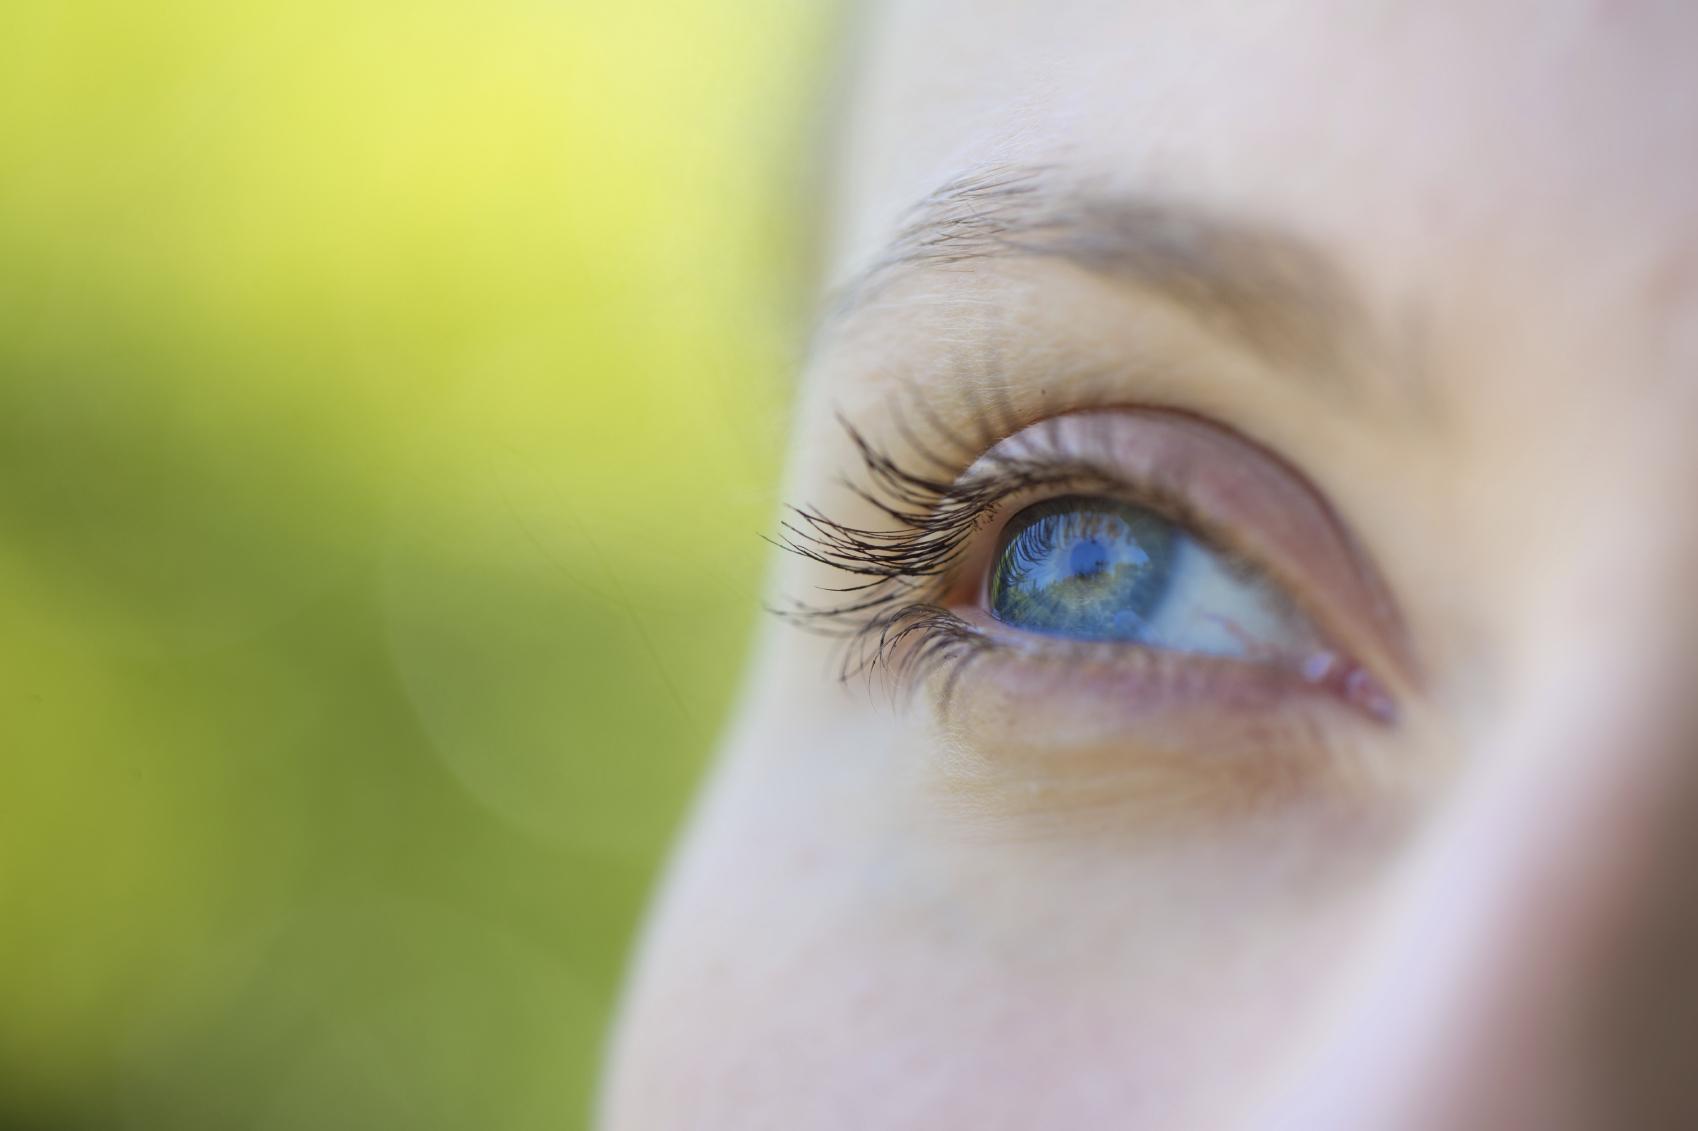 dbf4ce029b8e 10 consigli contro la sindrome dell occhio secco - Starbene